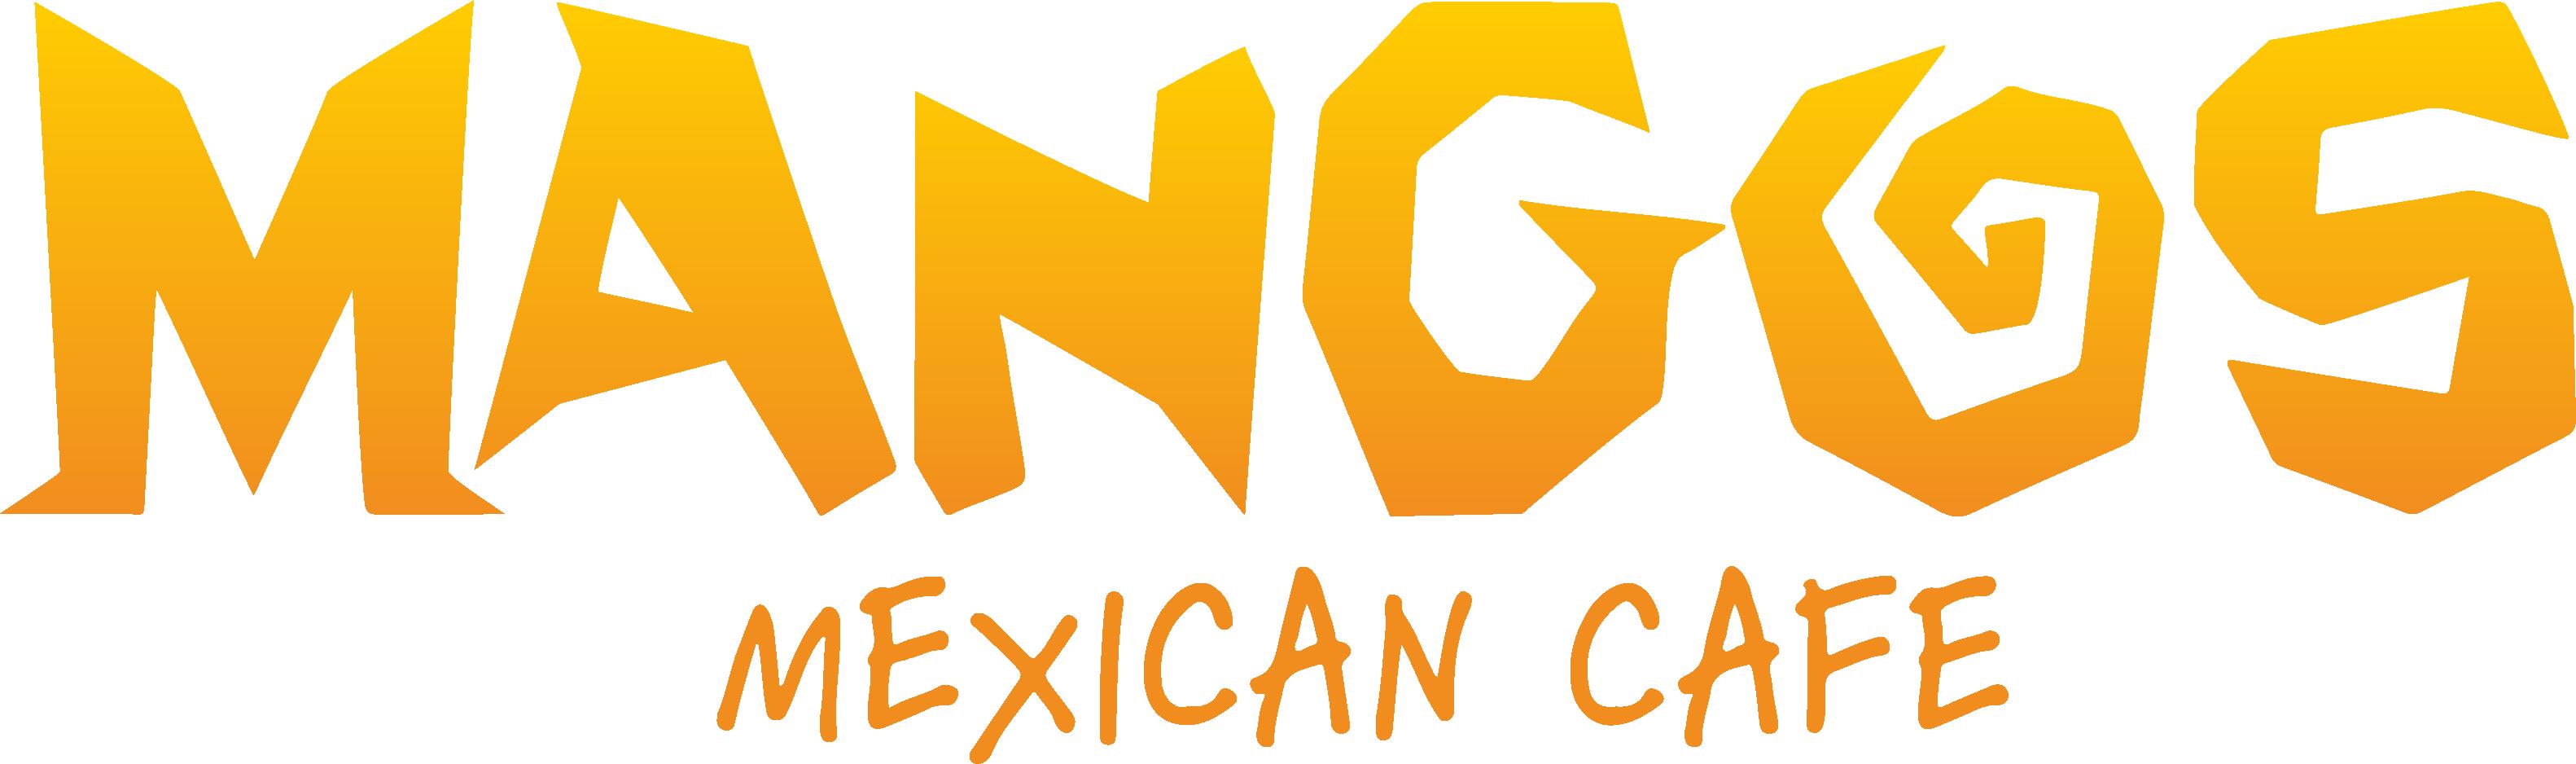 Mangos Mexican Cafe - Logo